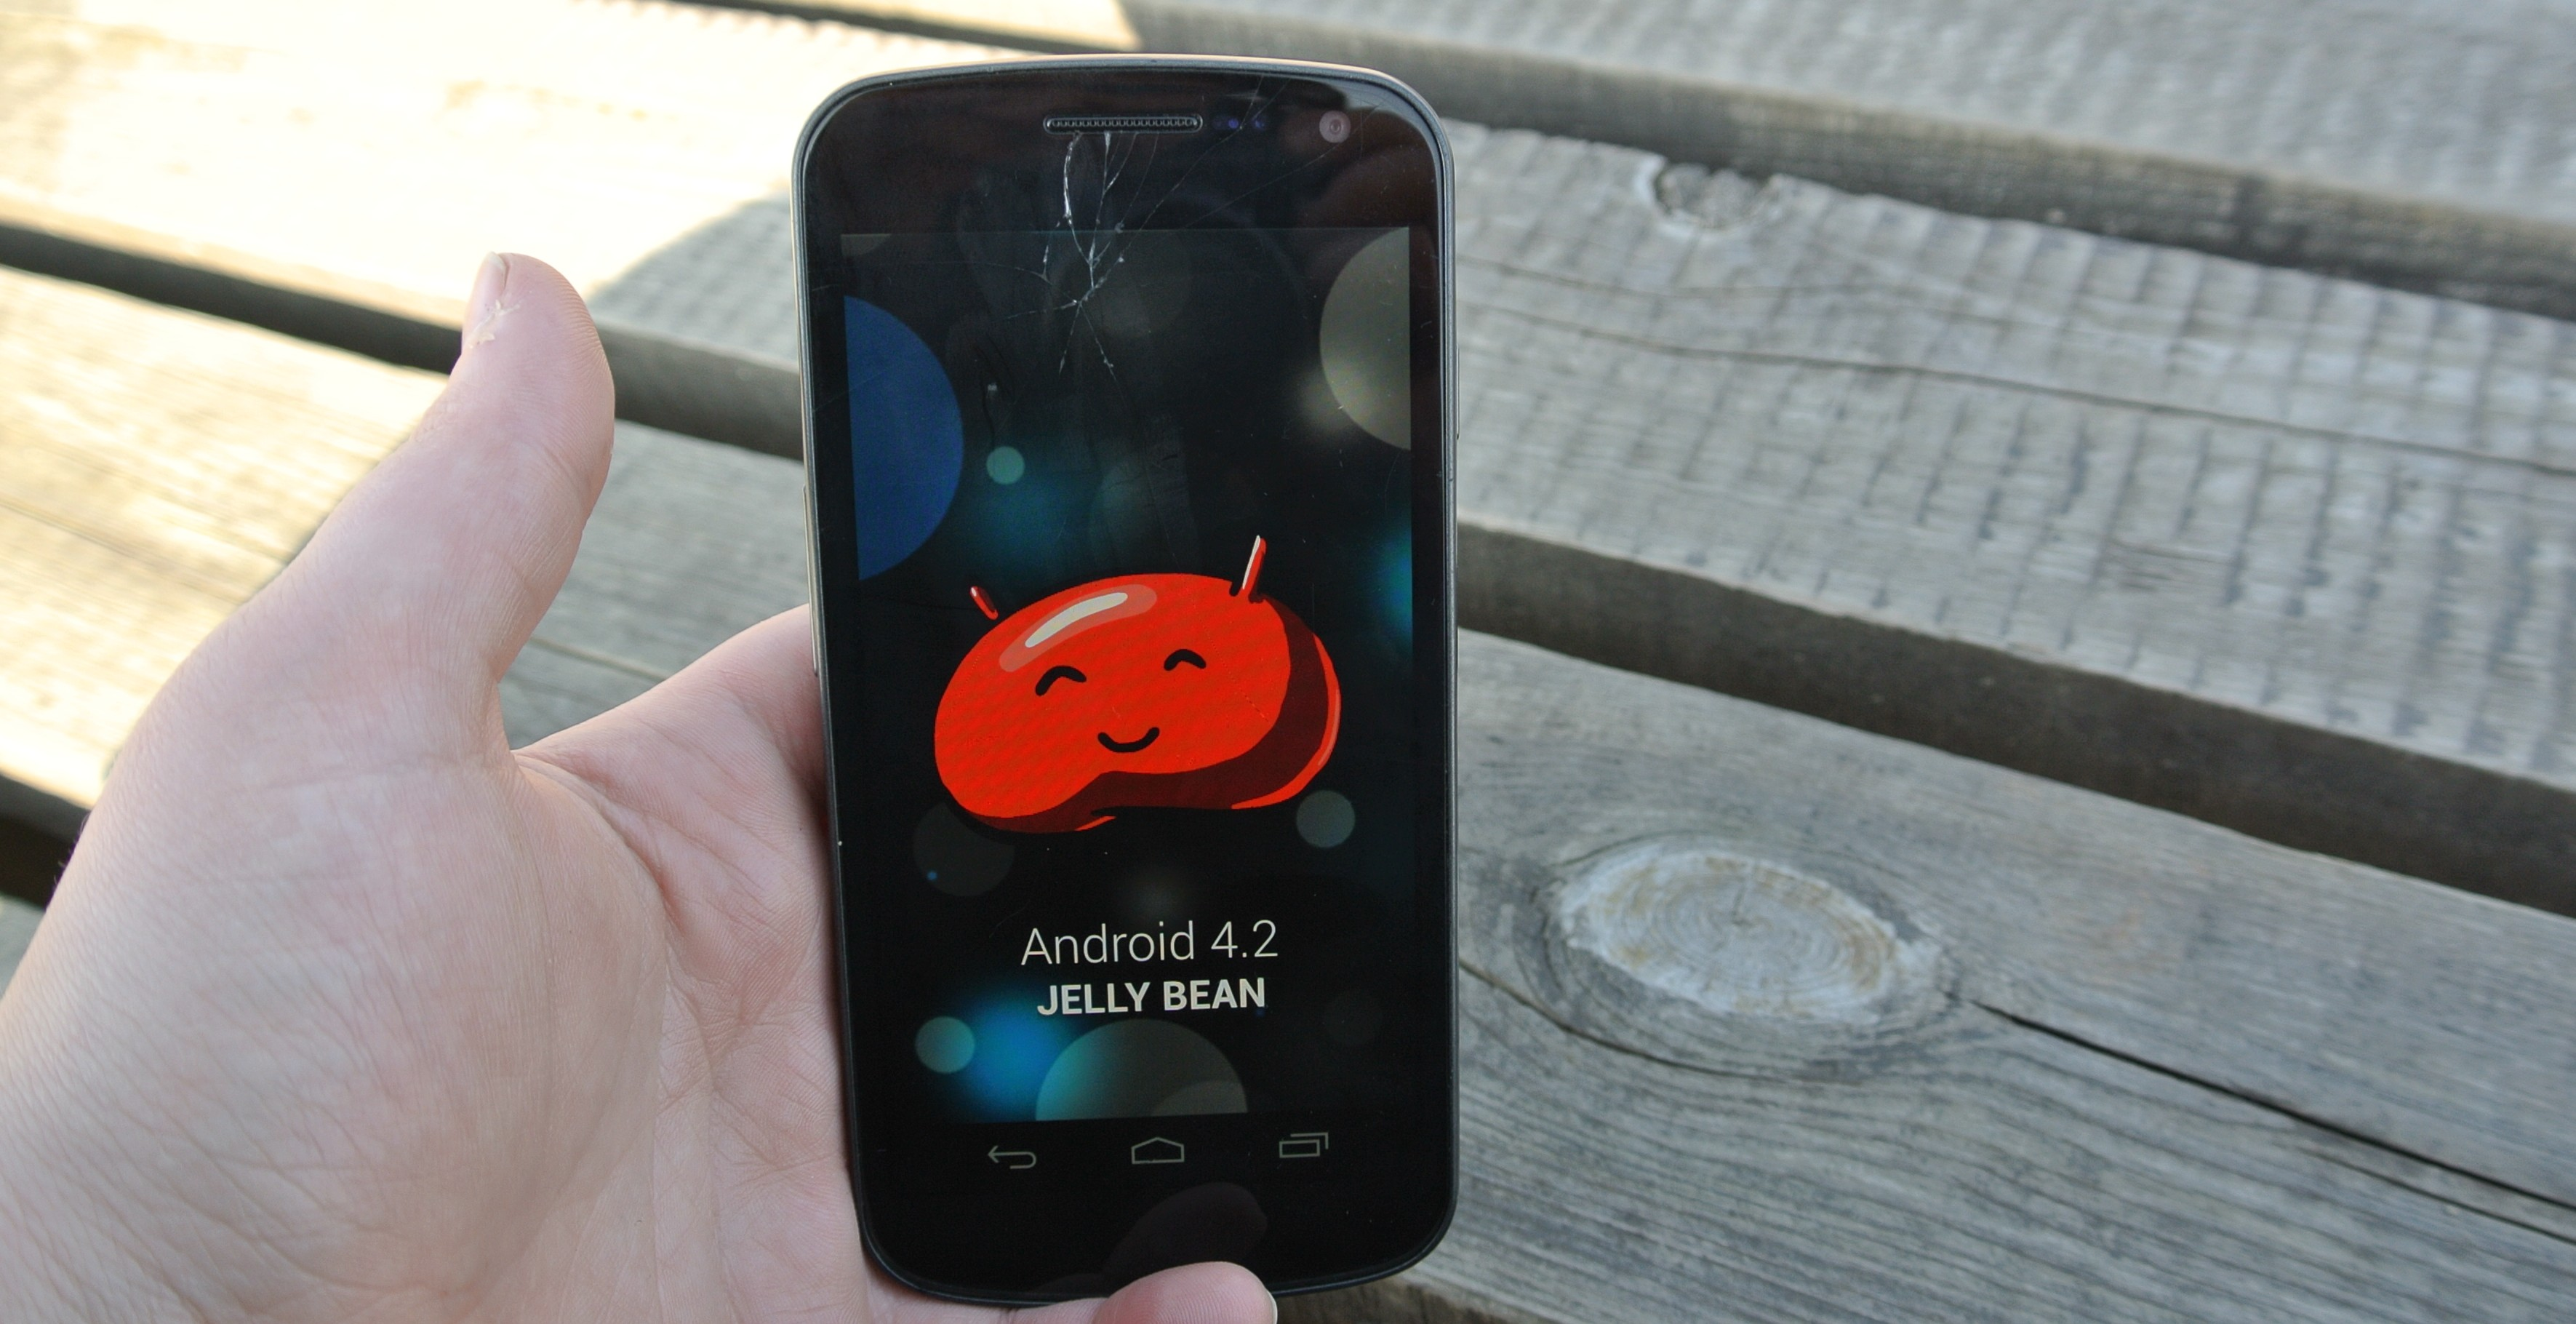 Mam wrażenie, że Google udostępniło nieprzemyślaną, zrobioną na siłę betę w postaci Androida 4.2